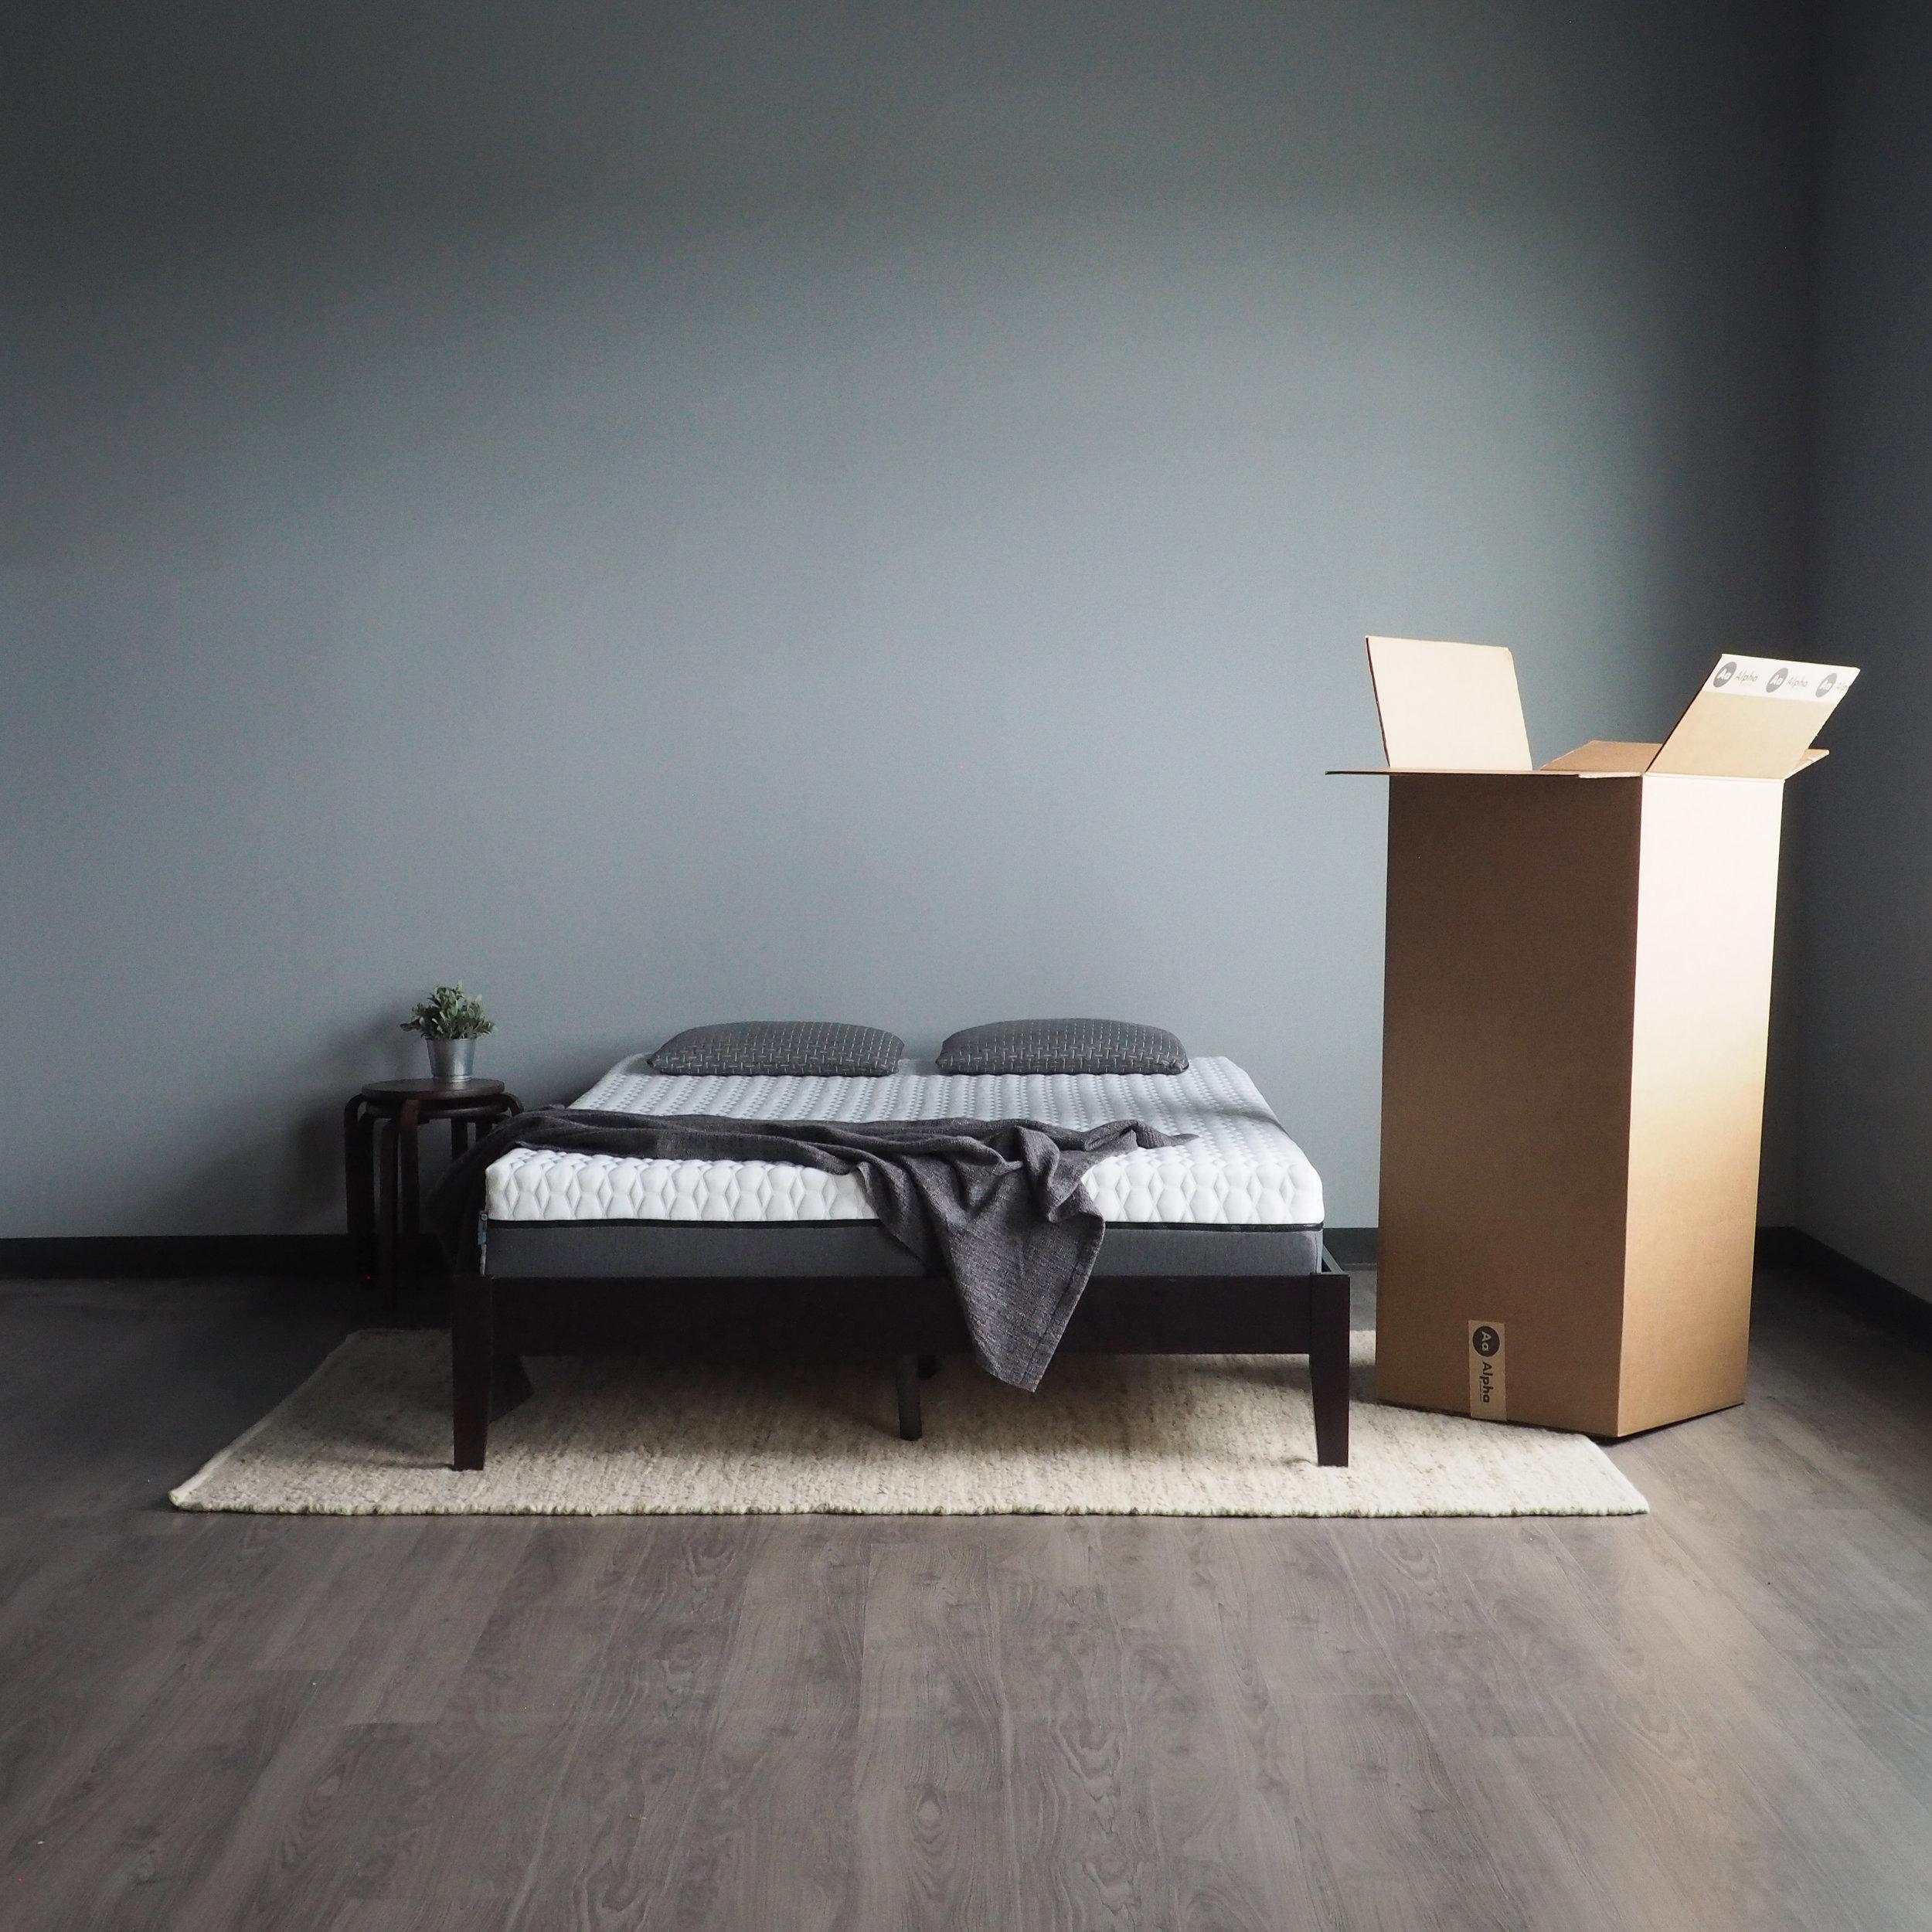 Alpha-Mattress-Medium-Support-Bed-in-a-box.jpg